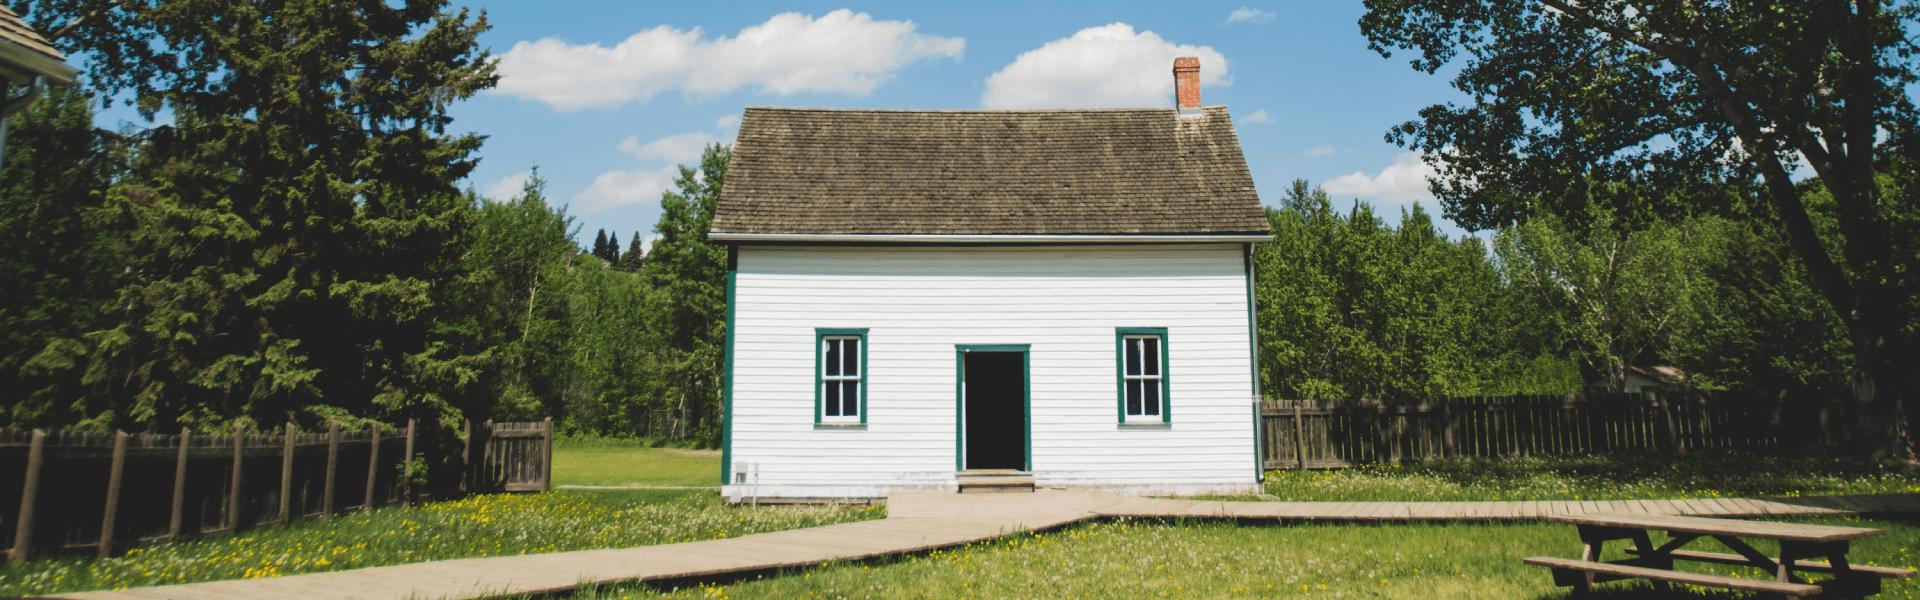 Можно ли газифицировать нежилой дачный дом